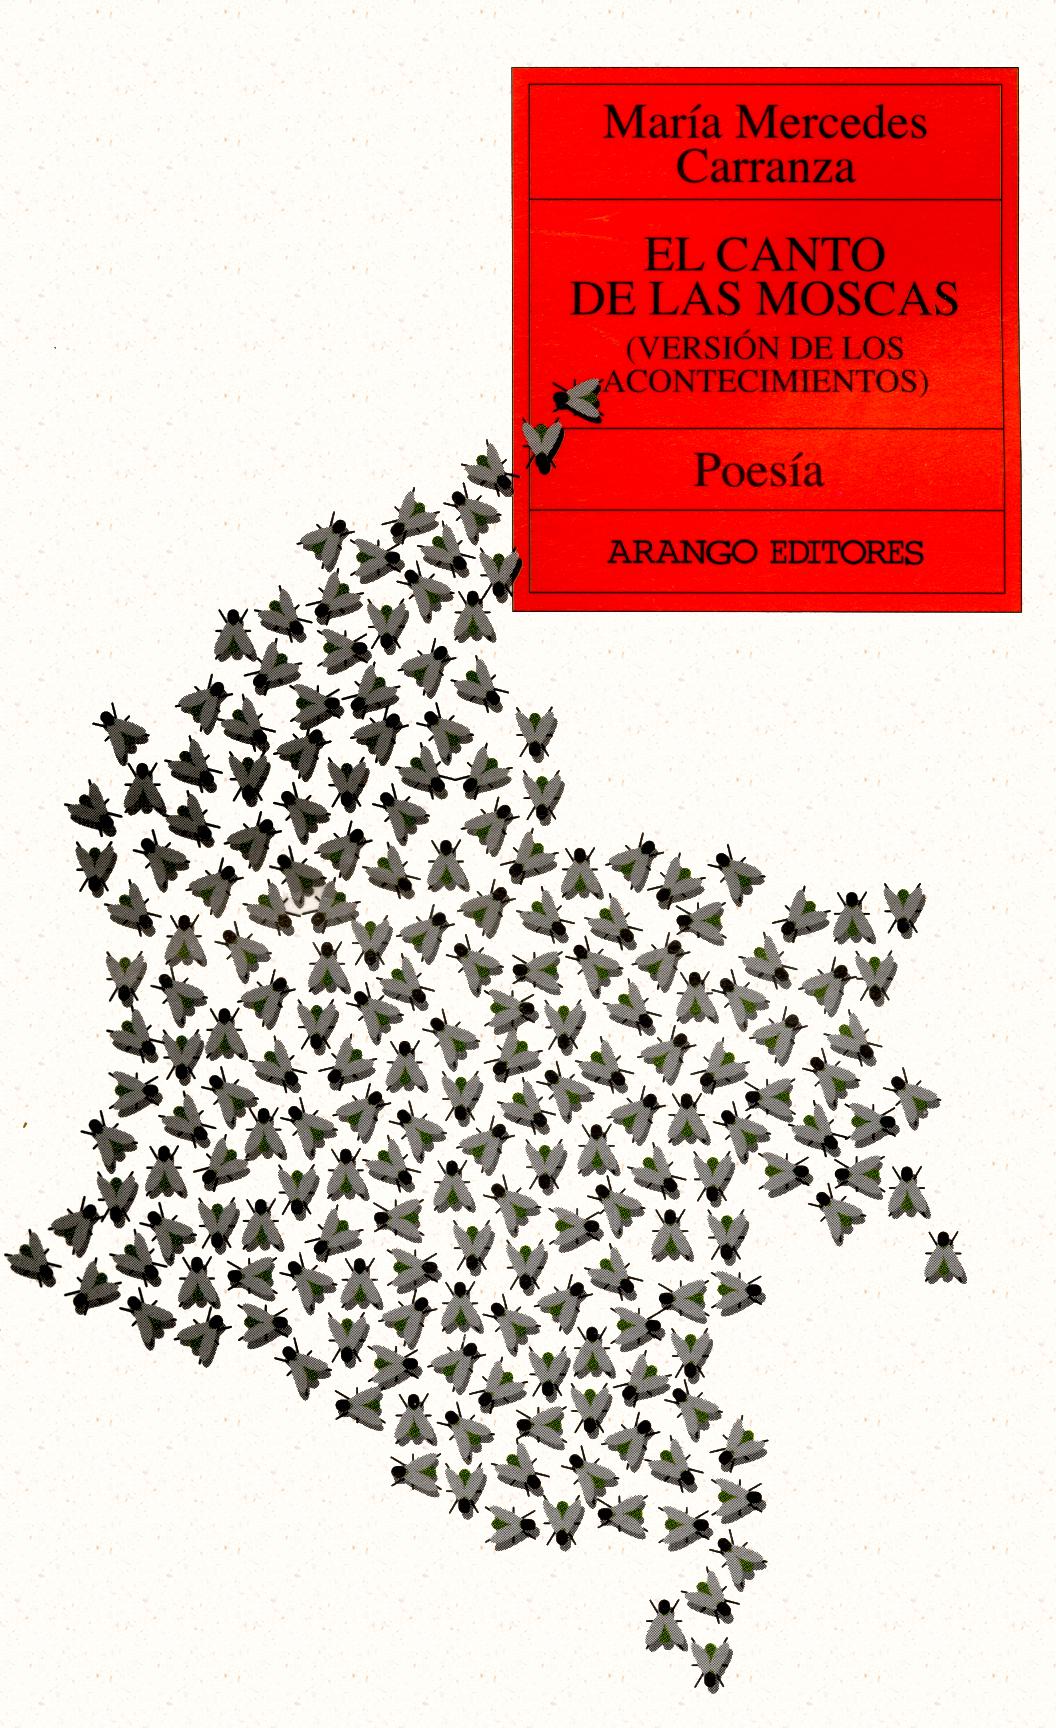 María Mercedes Carranza. El canto de las moscas. Bogotá, Arango Editores: 1998.